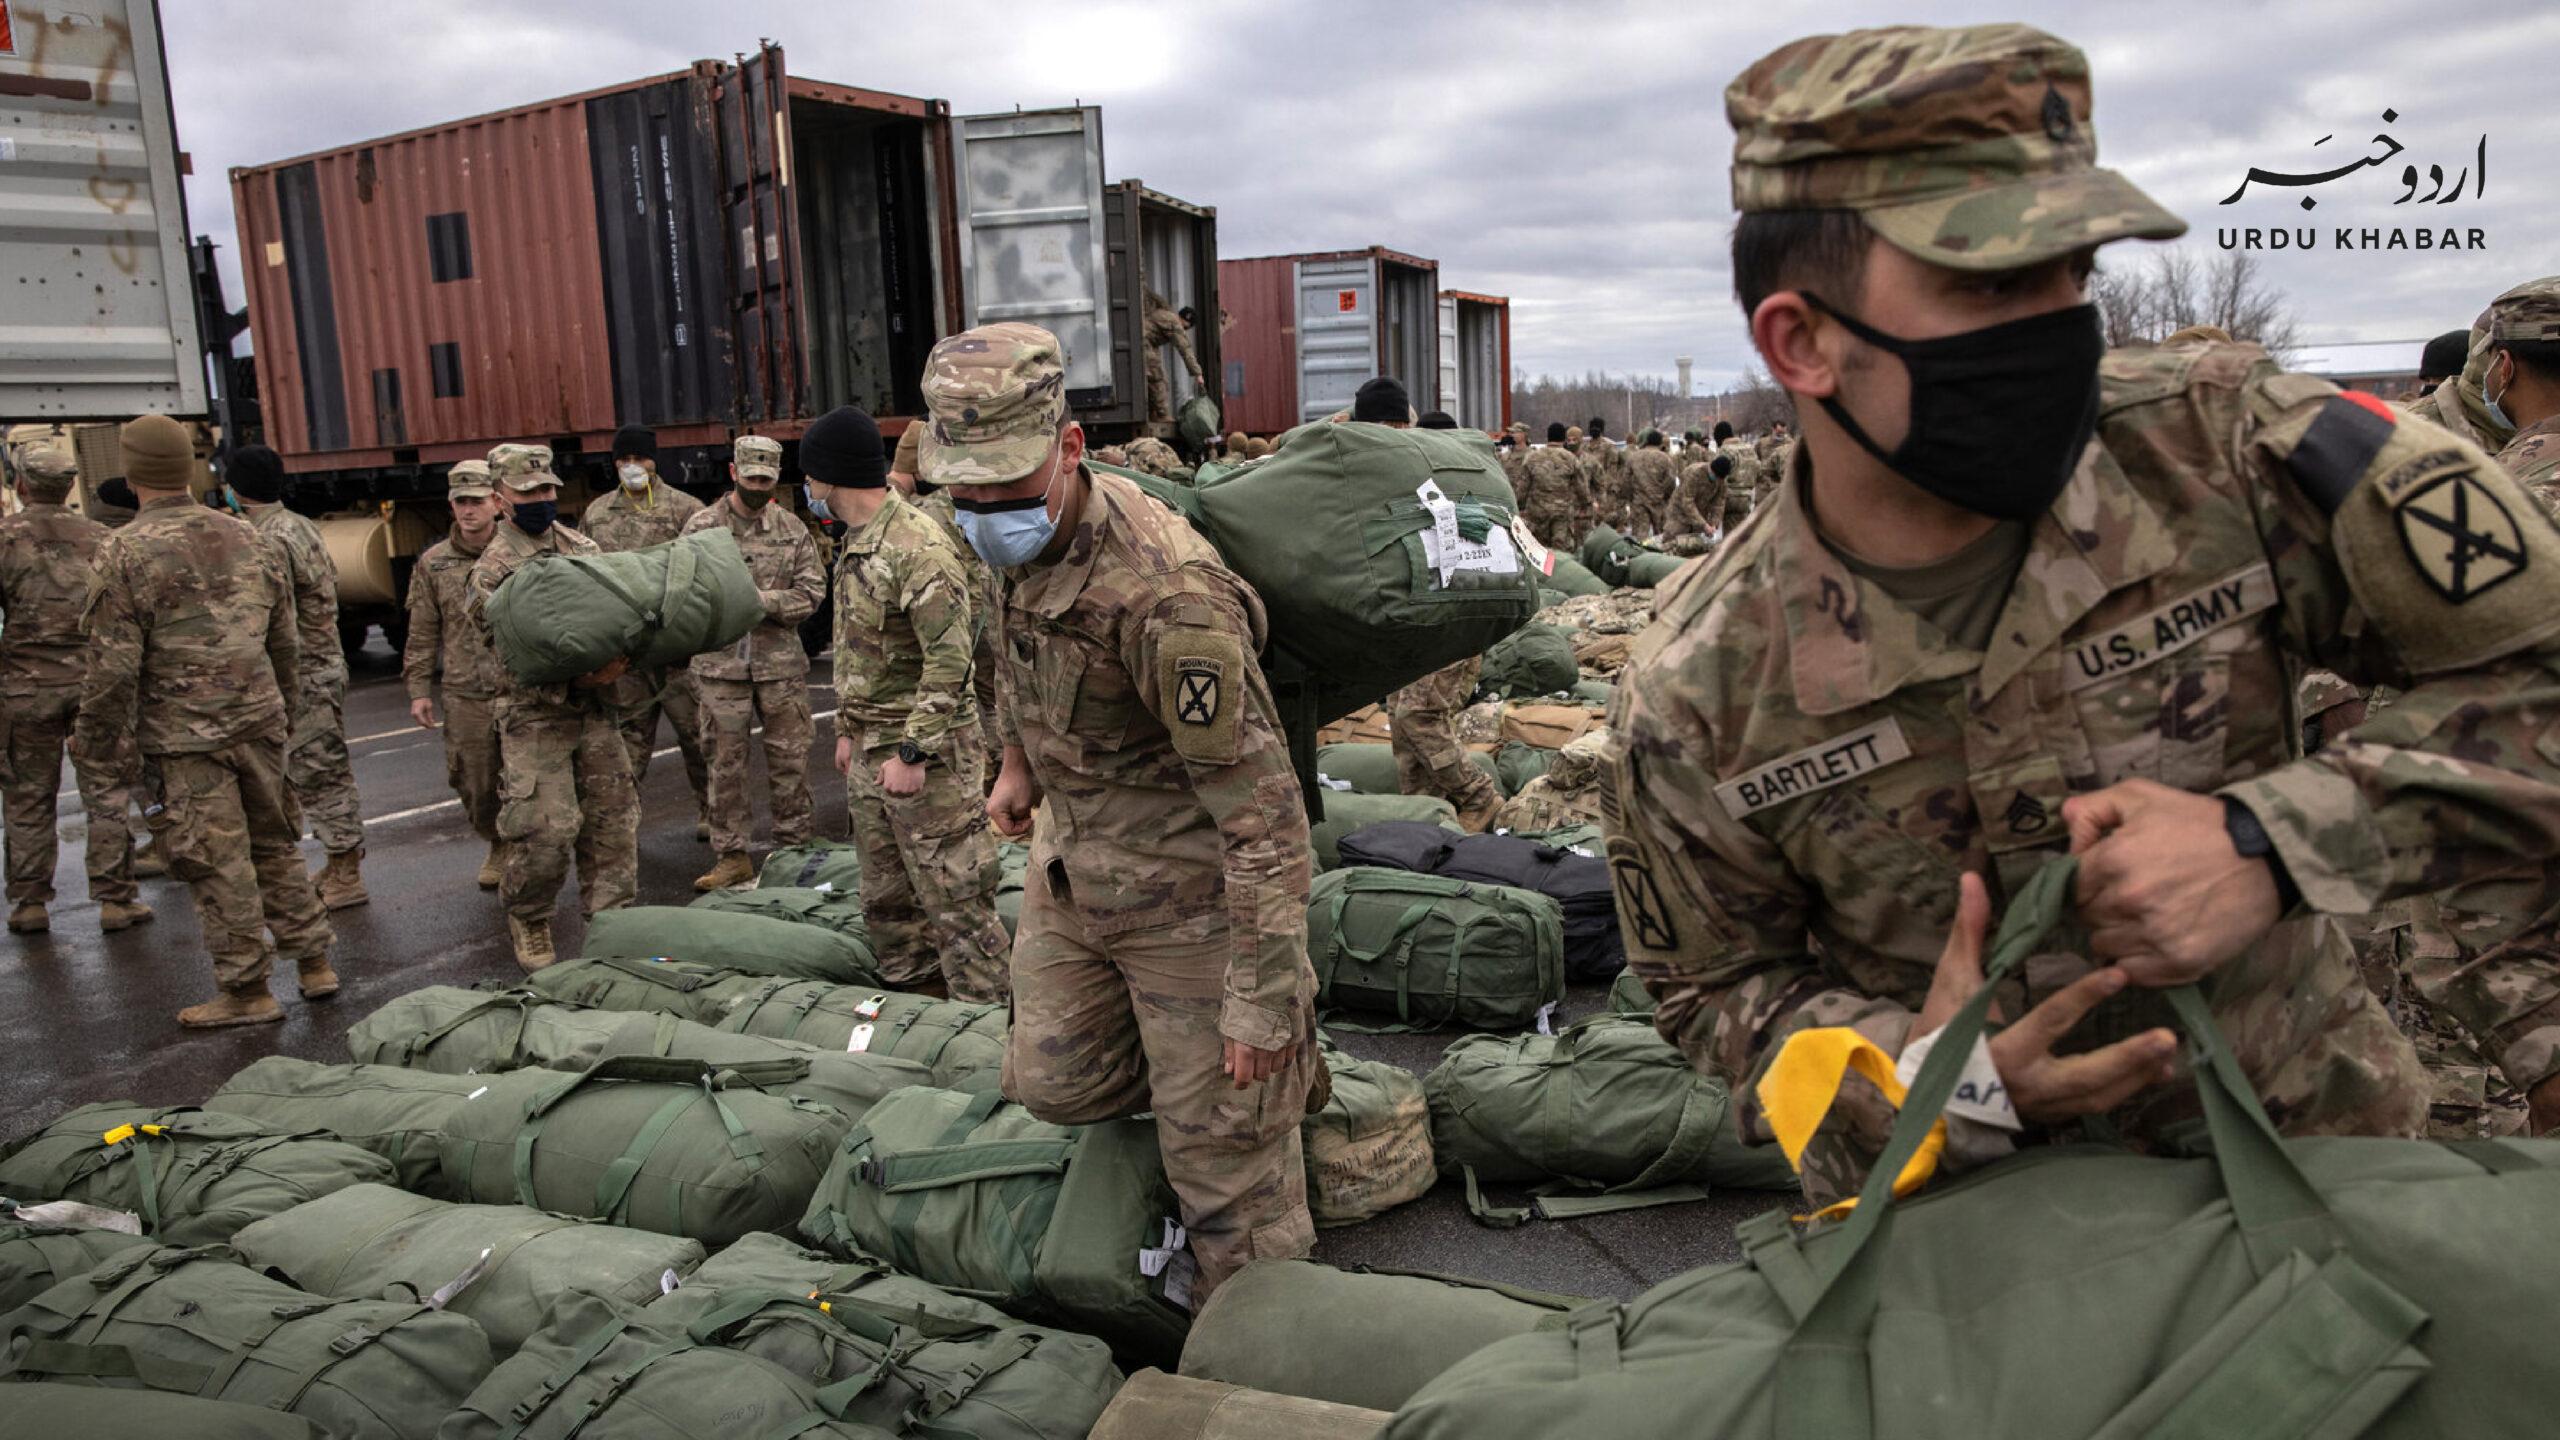 پاکستان نے امریکی فوج کے افغانستان سے انخلاء کو سراہا